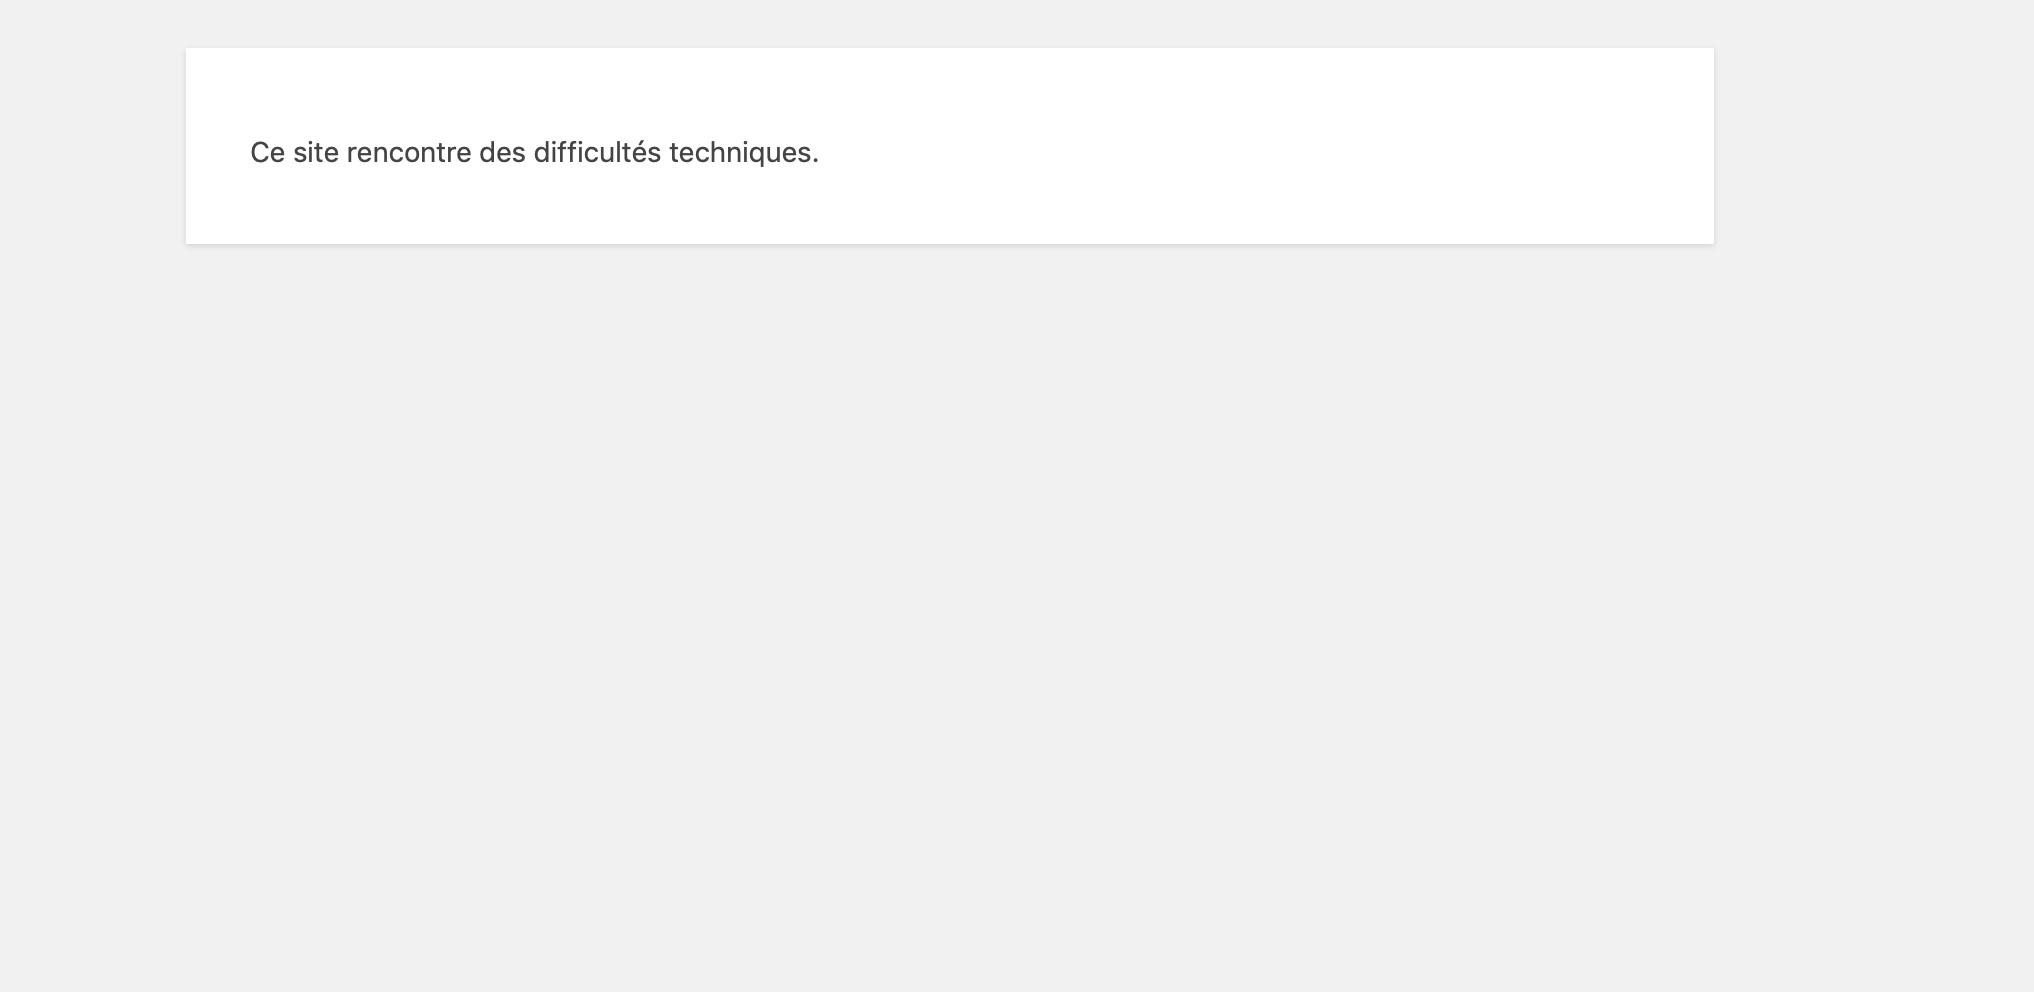 Ce site rencontre des difficultés techniques - WPFR